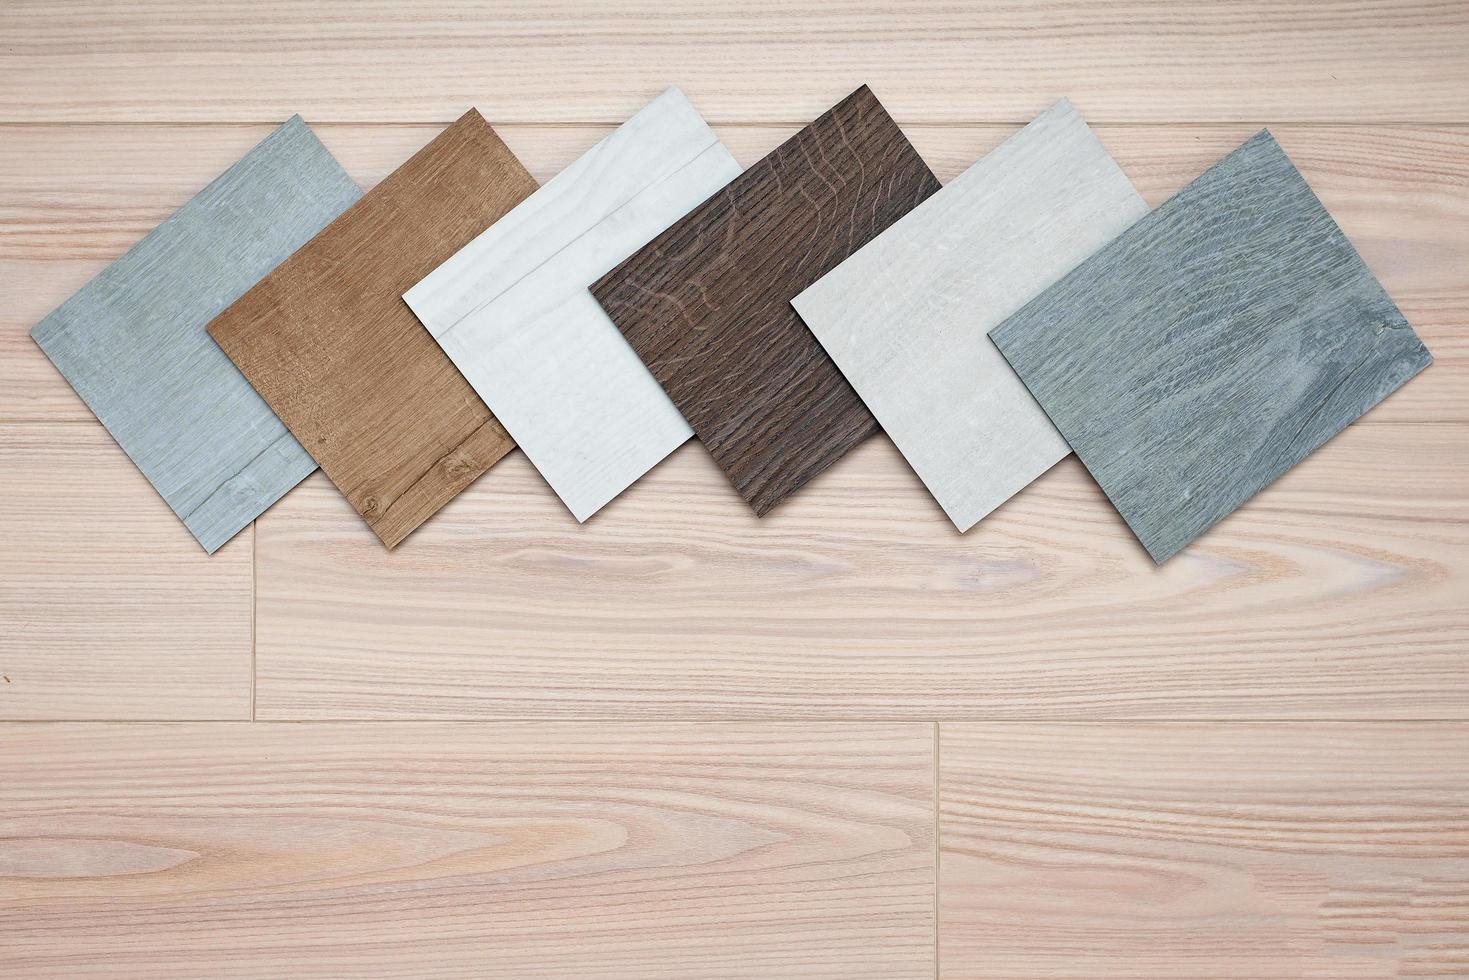 Exemple de catalogue de carreaux de sol en vinyle de luxe avec un nouveau design intérieur pour une maison ou un sol sur un fond en bois clair. photo